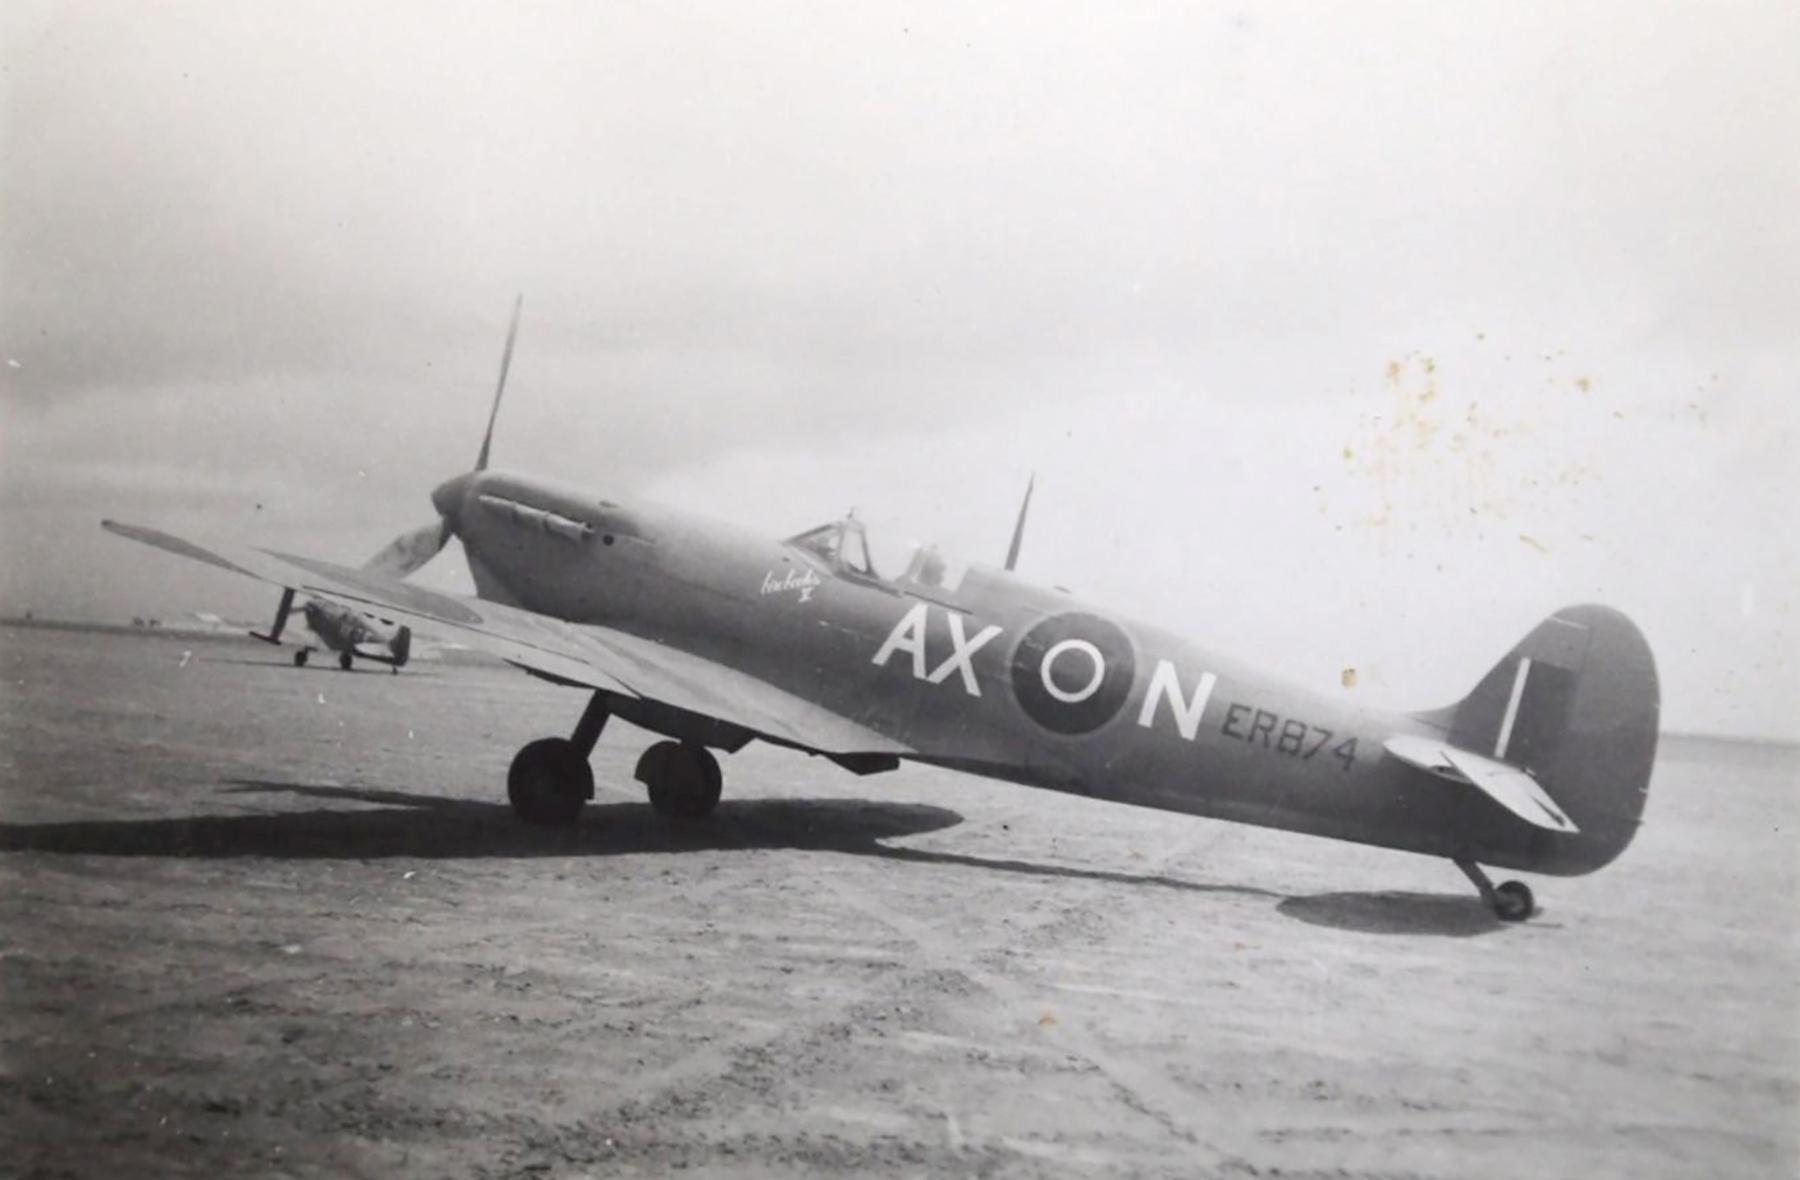 Spitfire MkVbTrop SAAF 1Sqn AXN ER874 Goubrine Tunisia 1943 02